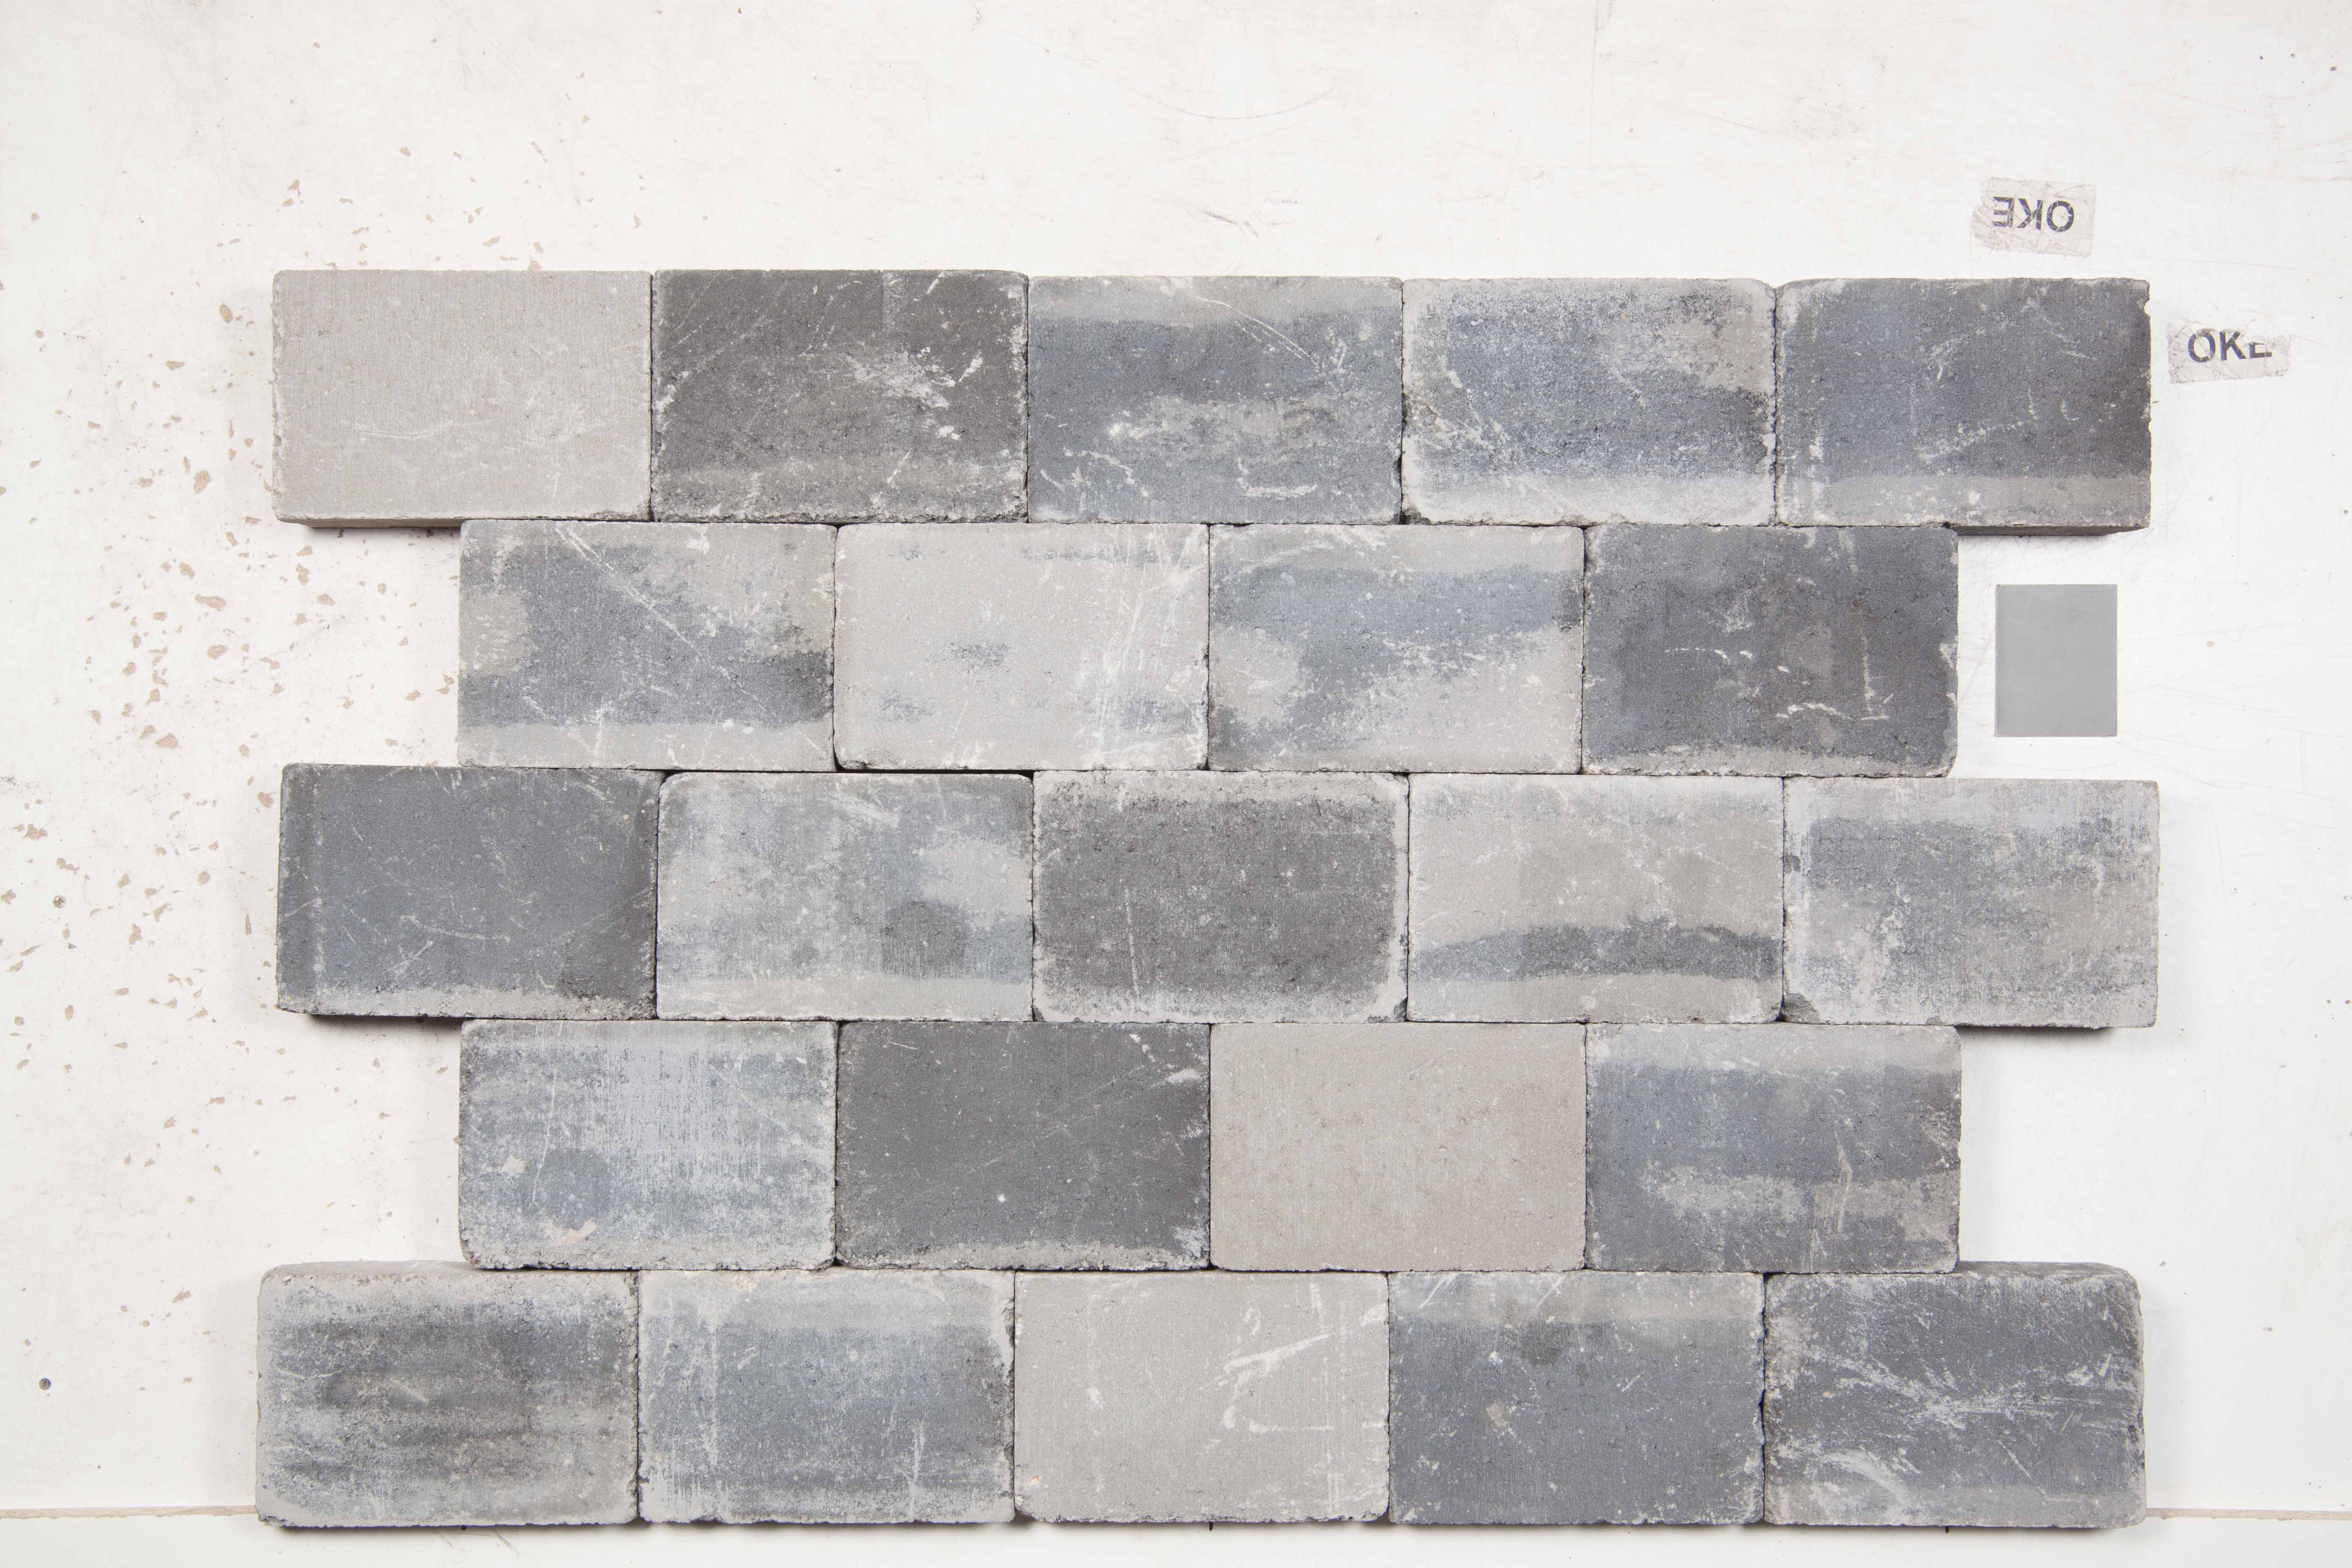 Redsun | Tumbelton 21x6.8x6 | Gothic